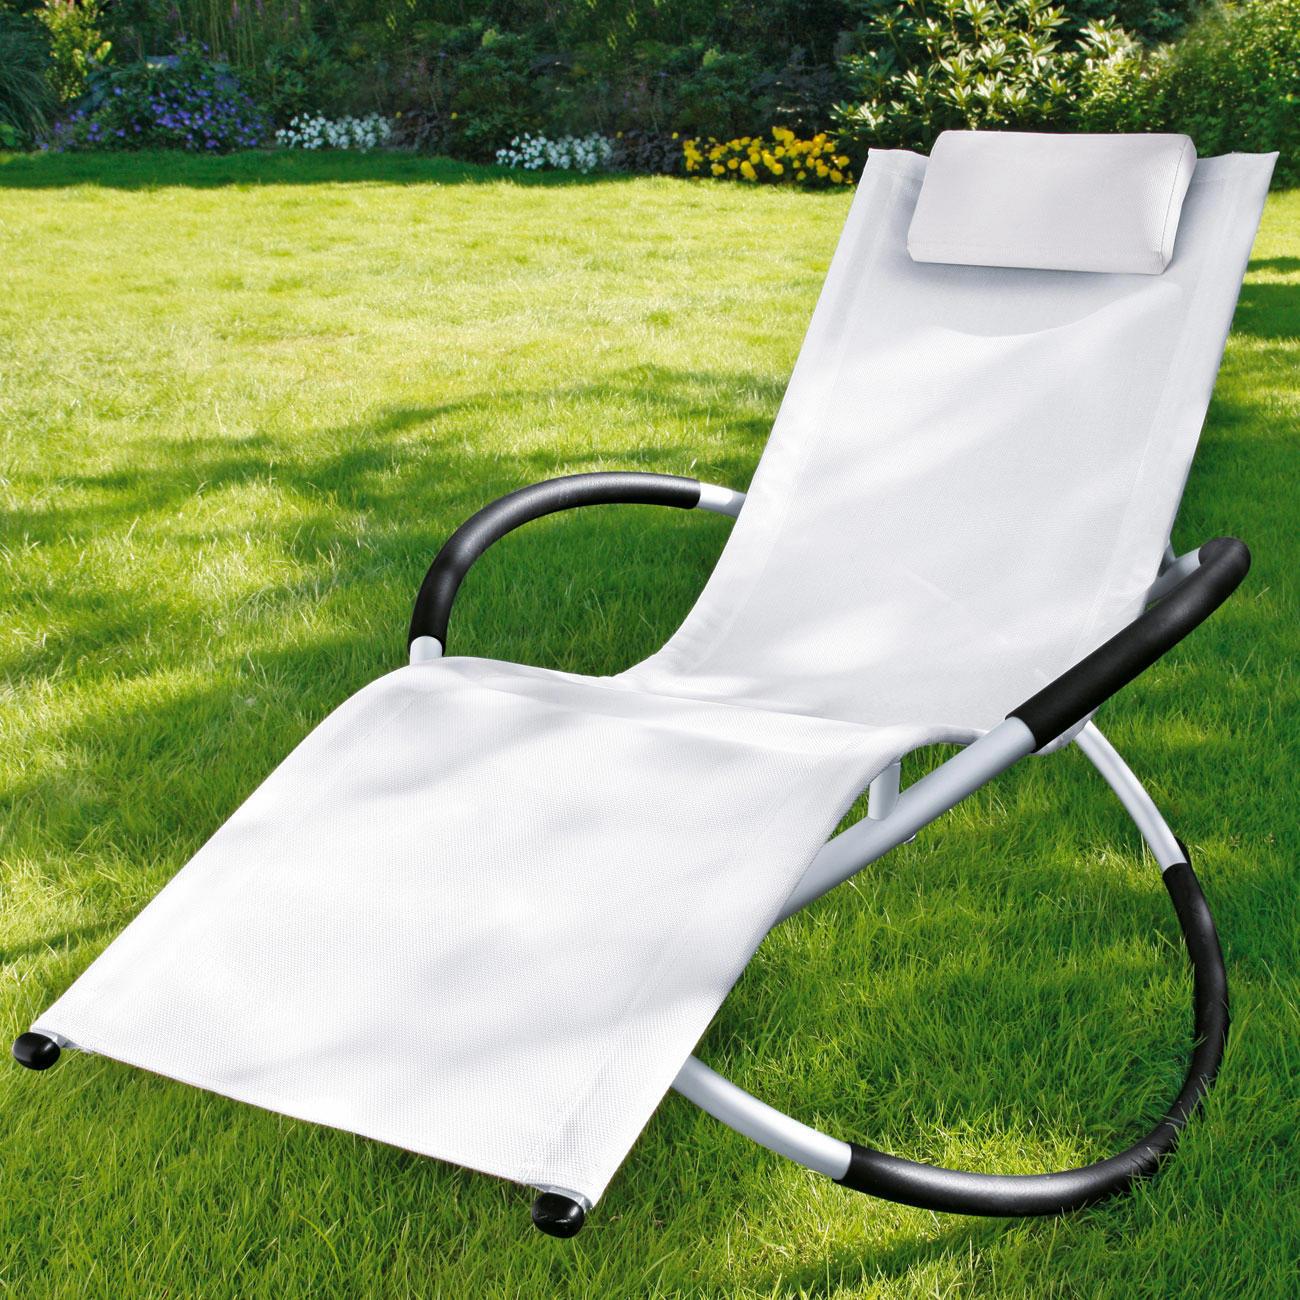 Rocking chair garantie produit de 3 ans for Rocking chair exterieur